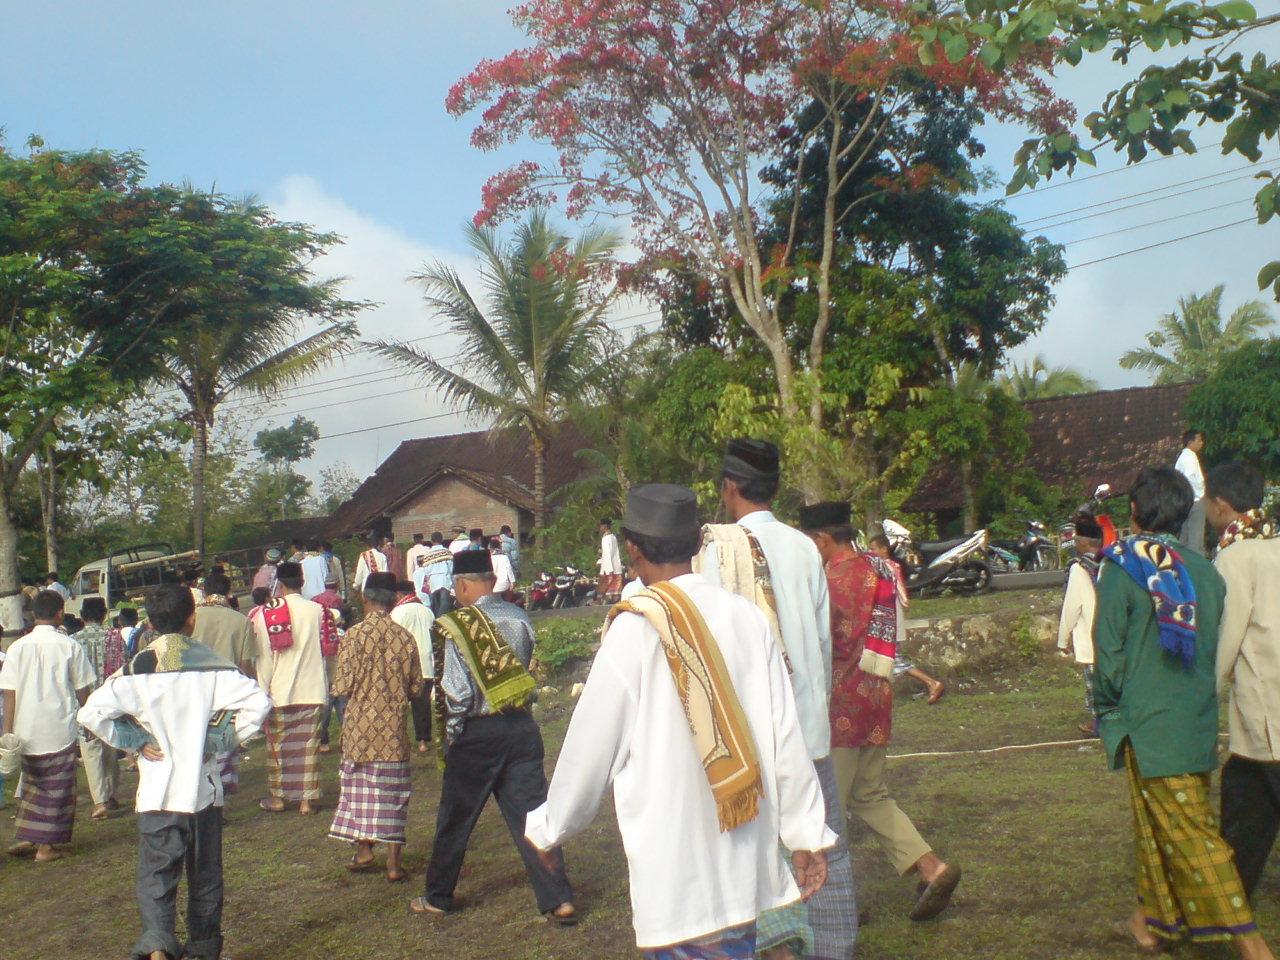 Shalat Ied di lapangan #grogol #indonesiabanget 11